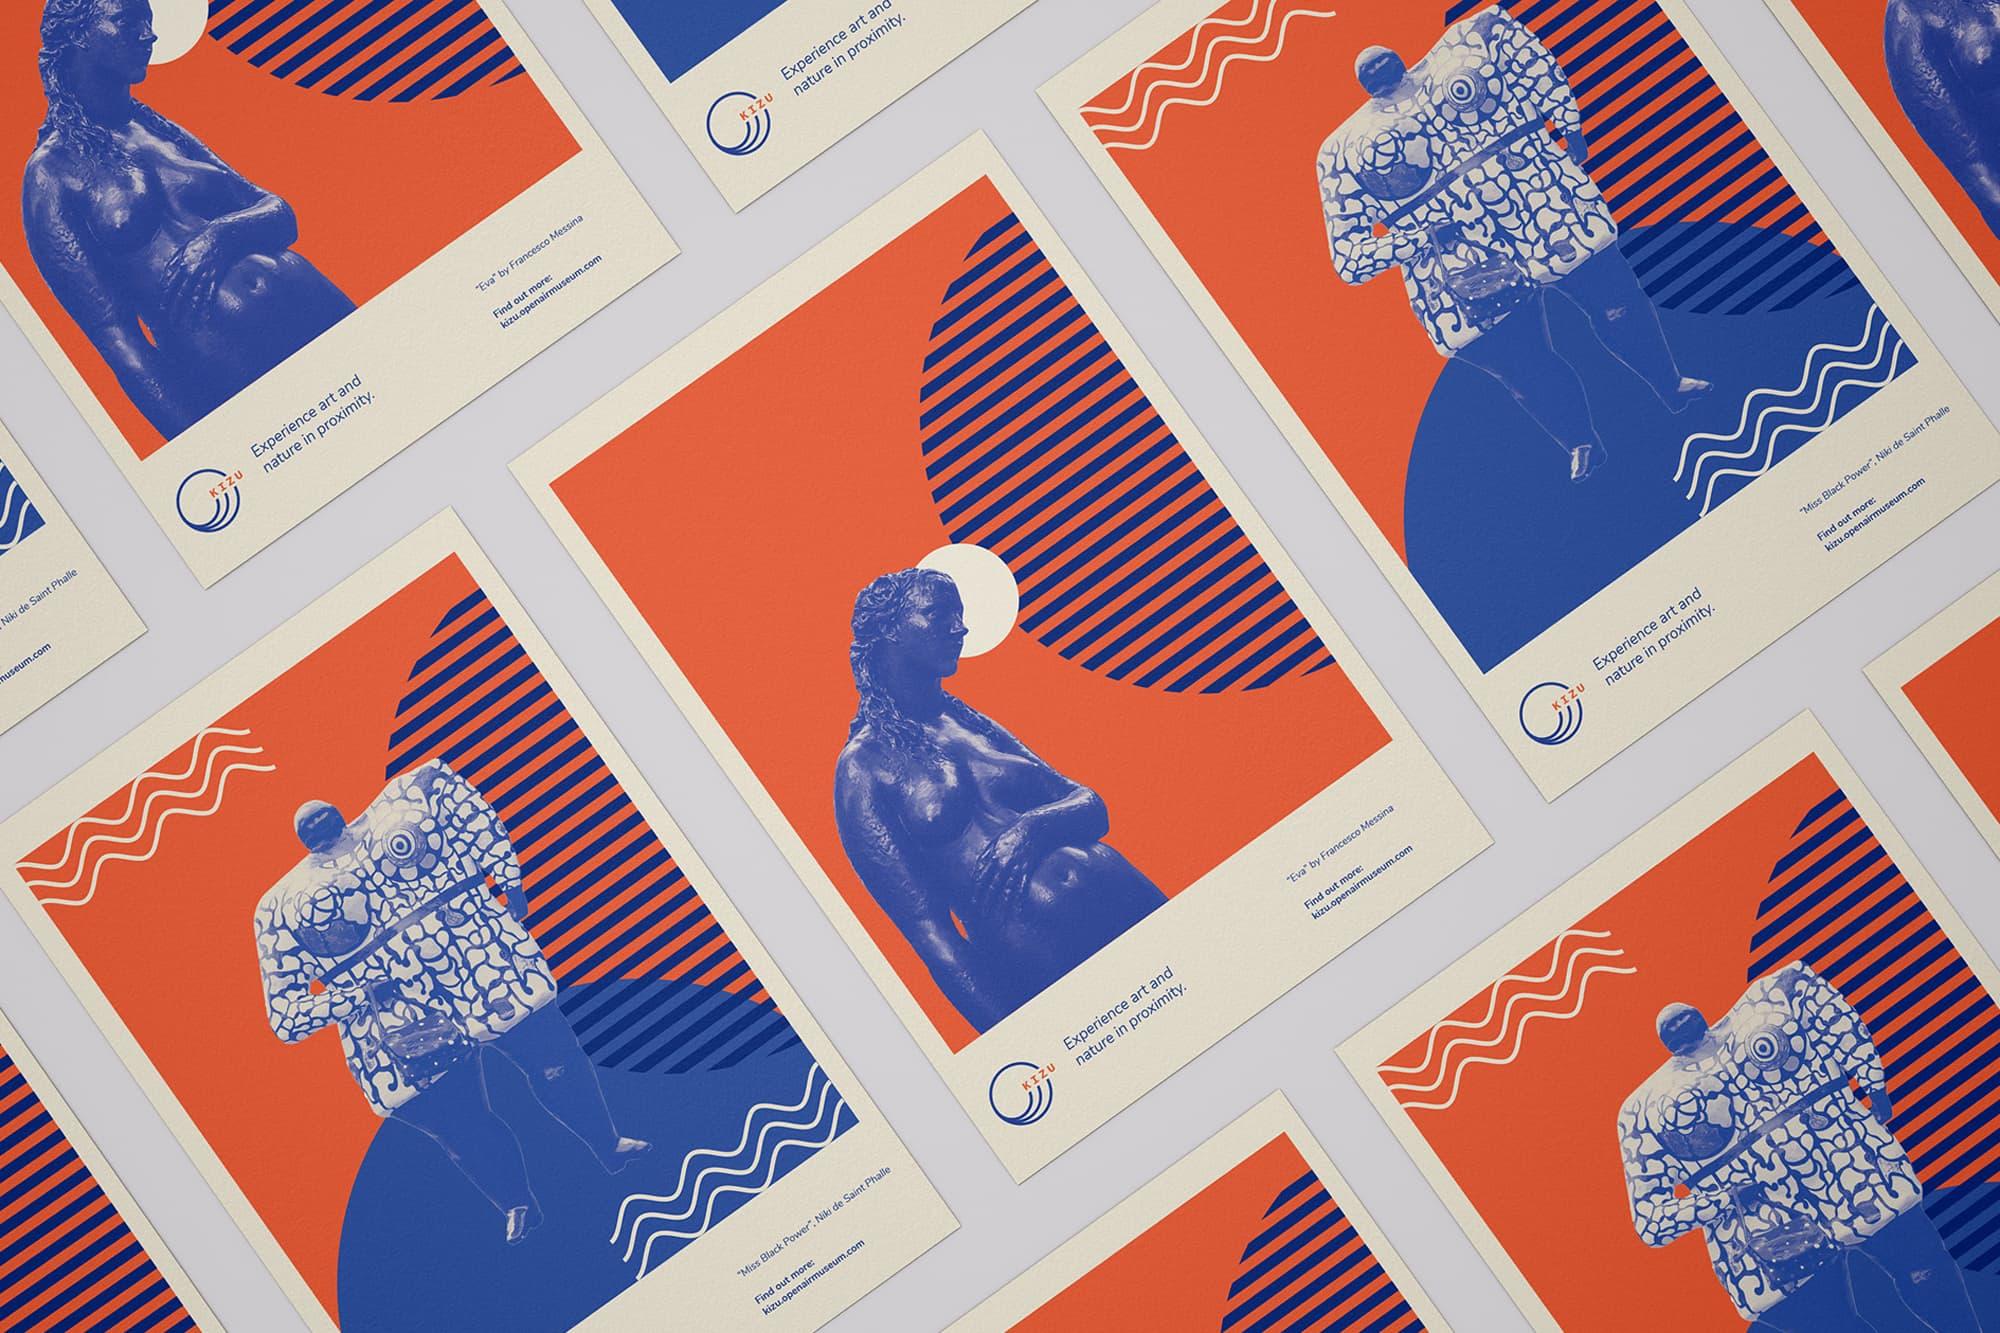 Las 8 tendencias de diseño gráfico que han triunfado este 2020: retro